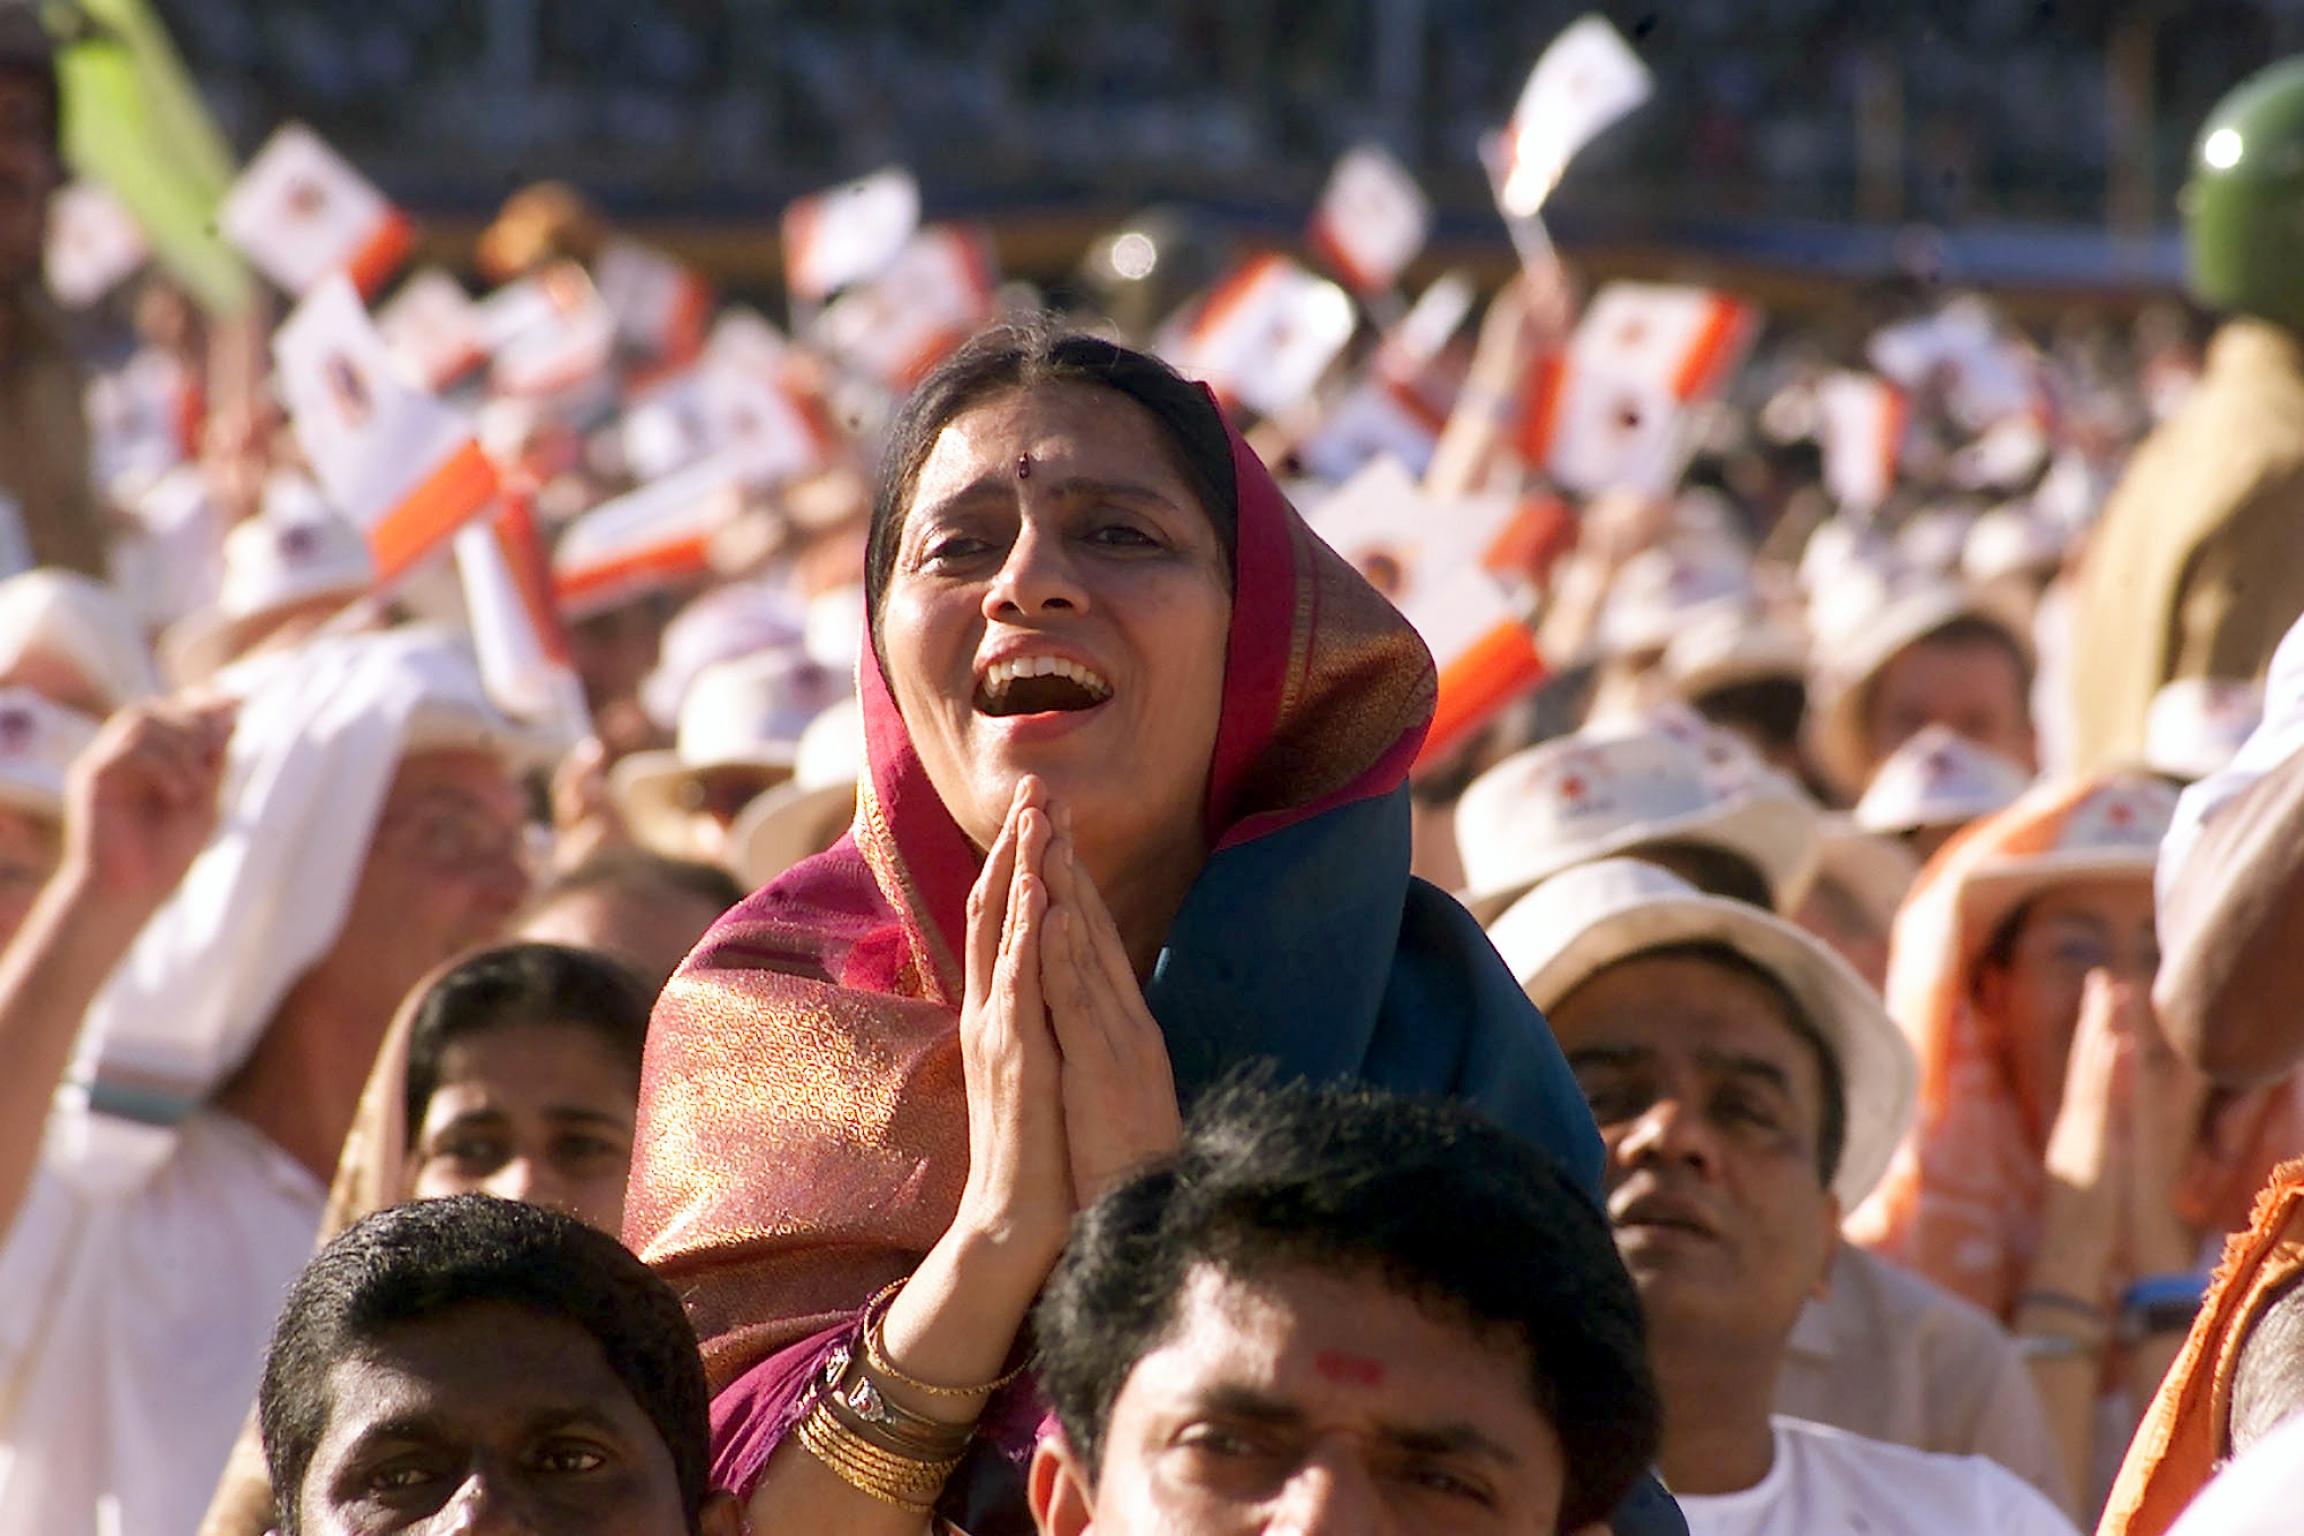 A woman exalts looking at a living god